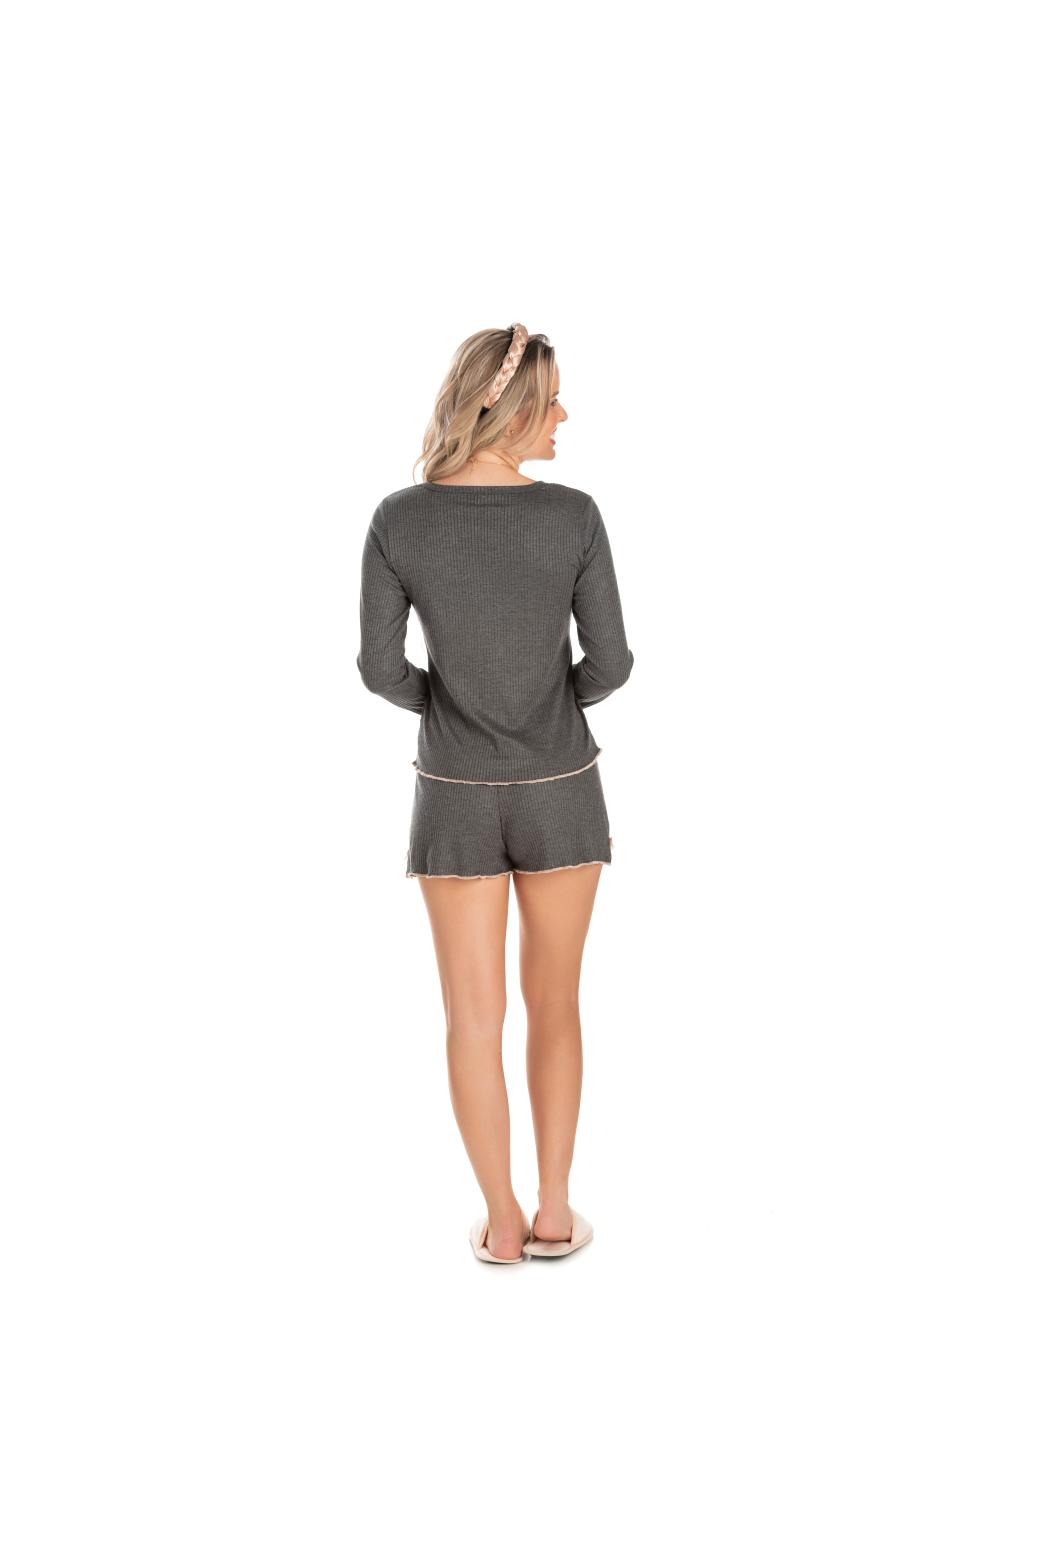 228/L - Pijama Adulto Feminino Fru Fru